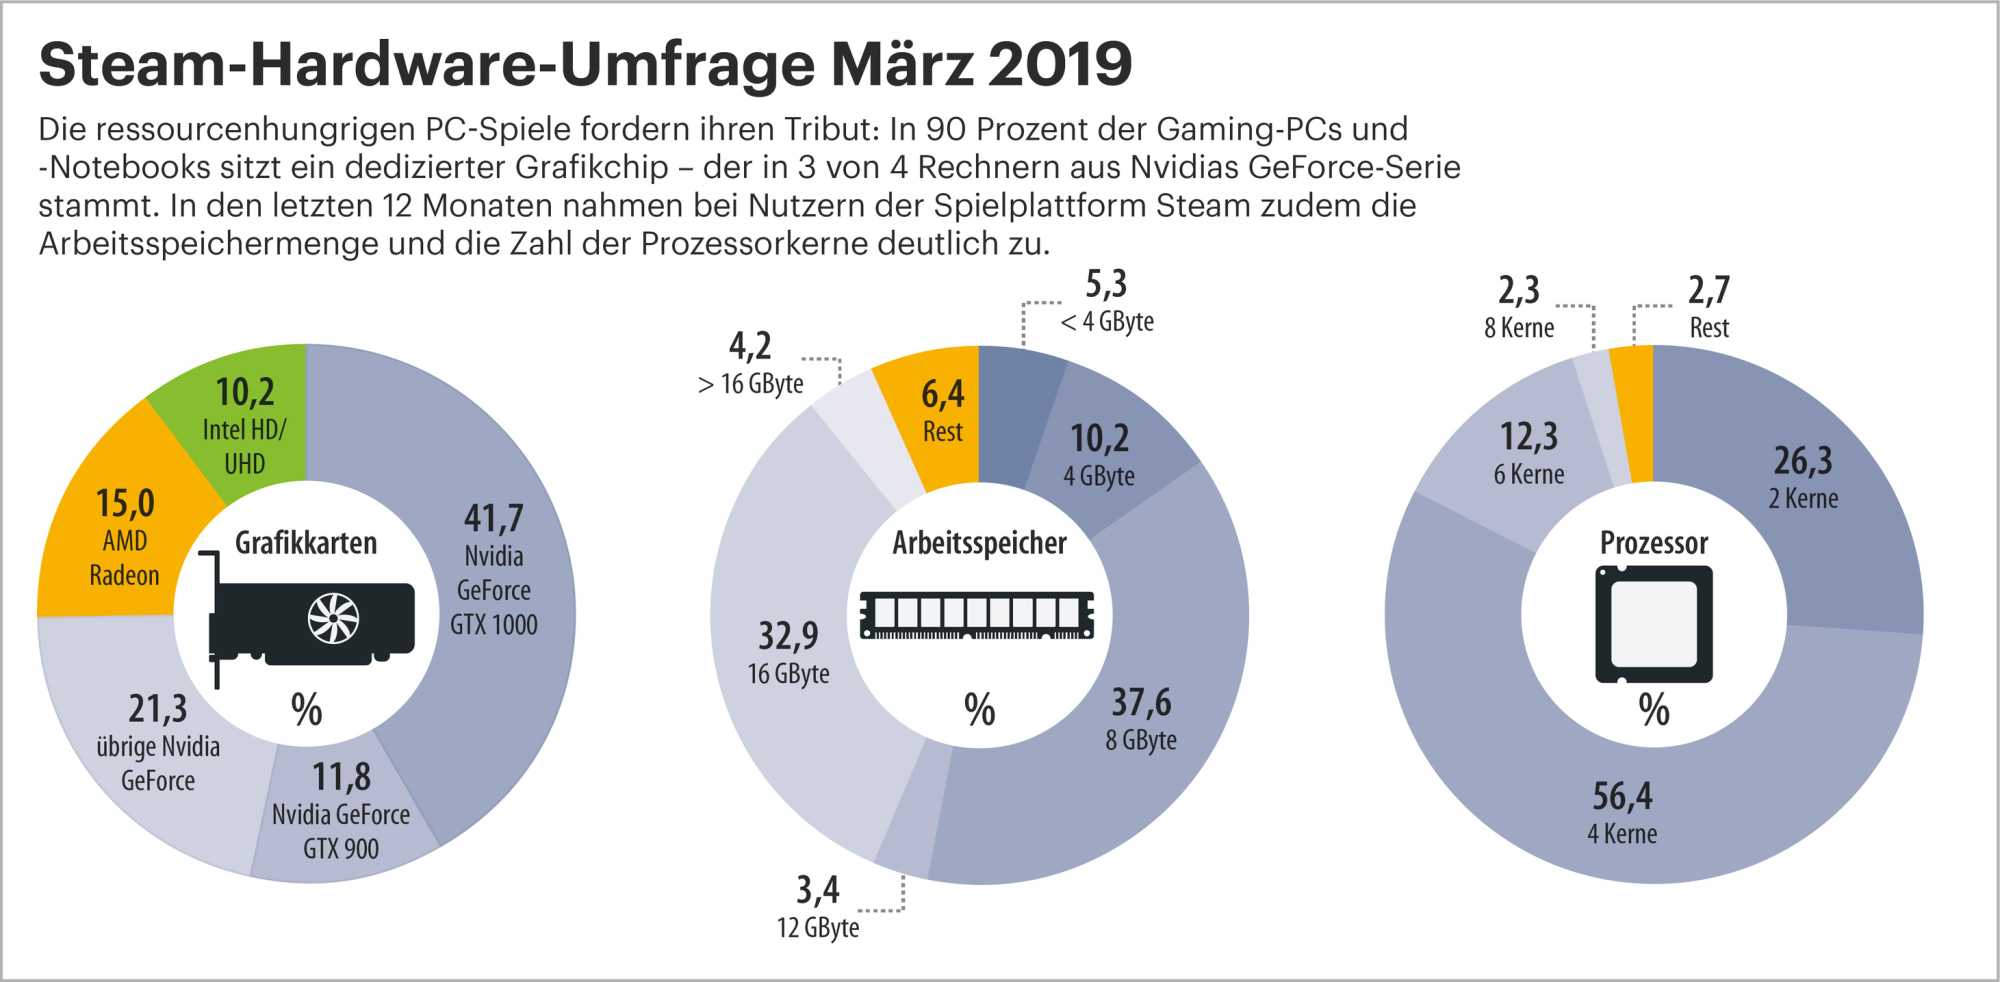 Steam-Hardware-Umfrage März 2019